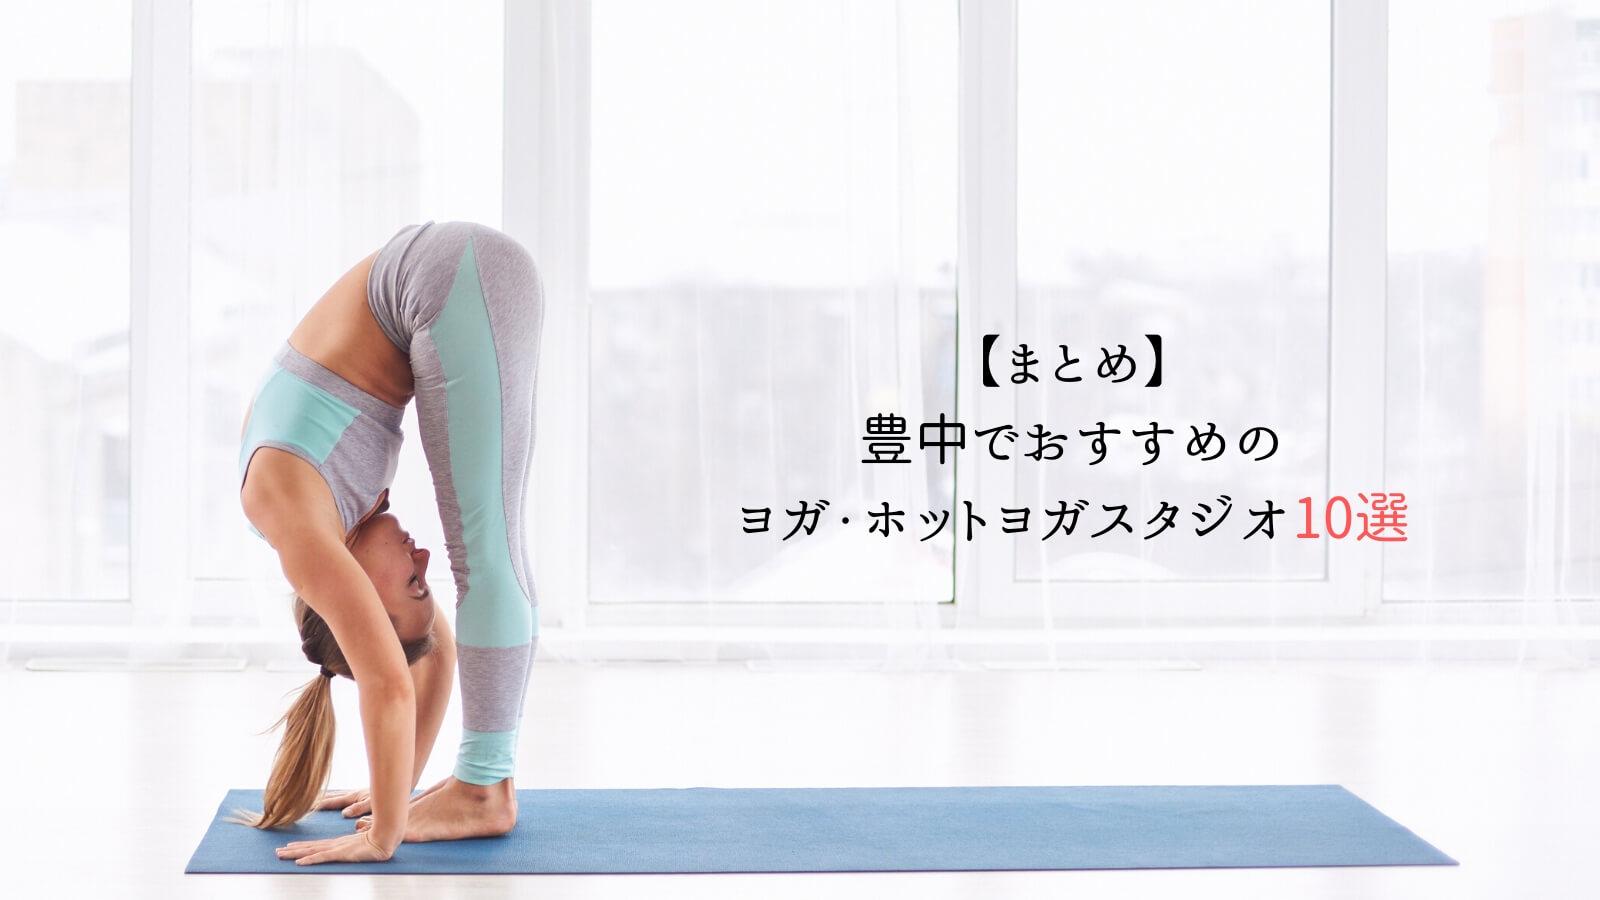 【まとめ】豊中でおすすめのヨガ・ホットヨガスタジオ10選